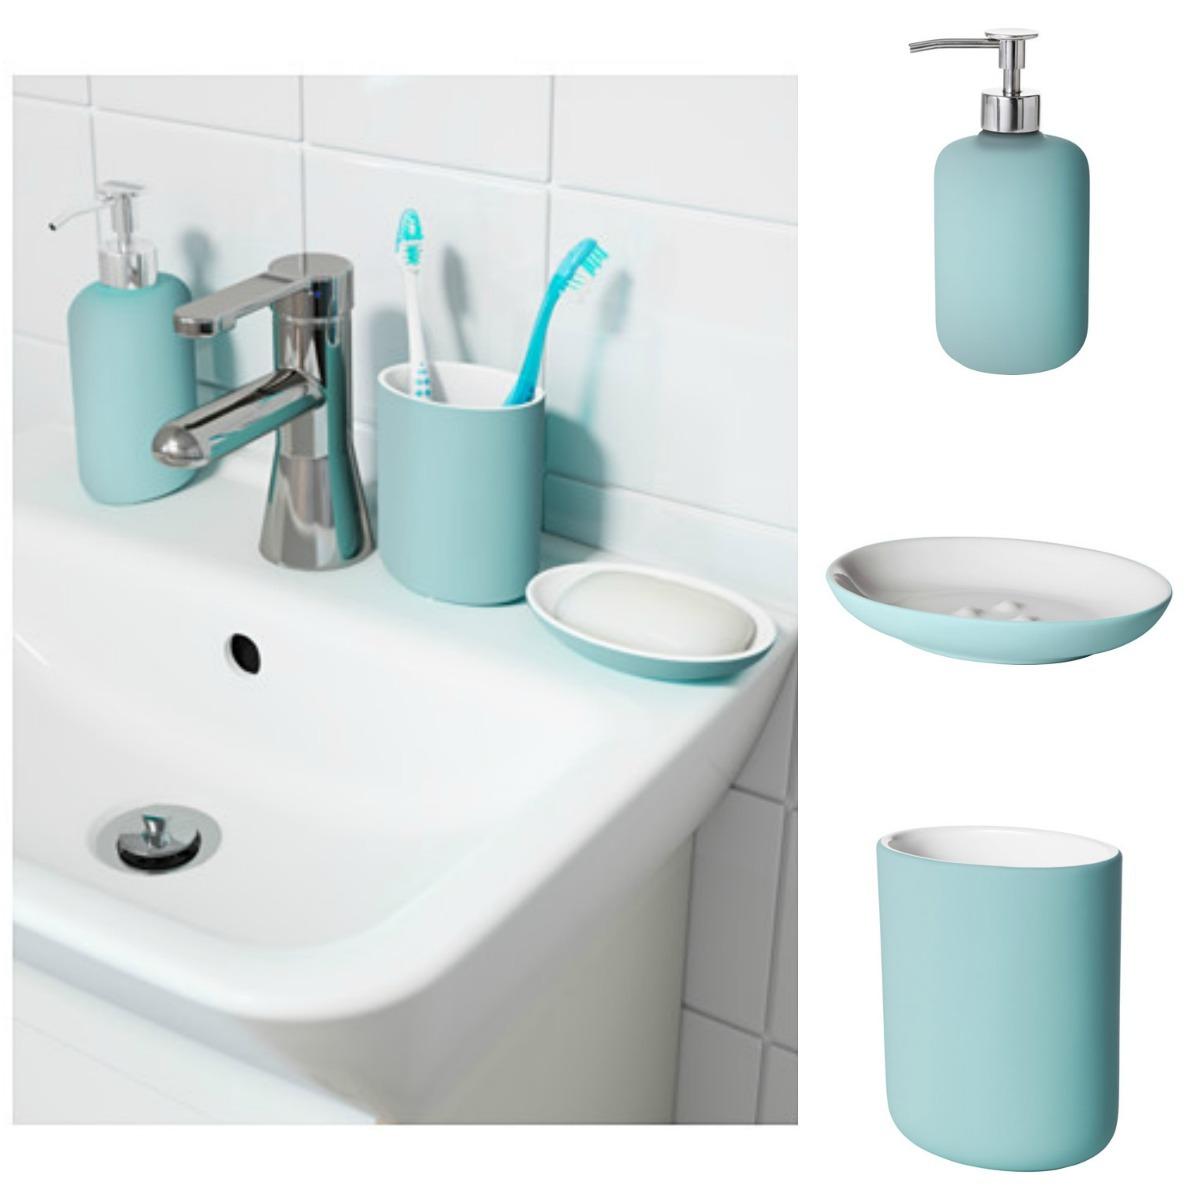 set de accesorios de baño ekoln turquesa de ikea suecia. Cargando zoom. 75a24491d982